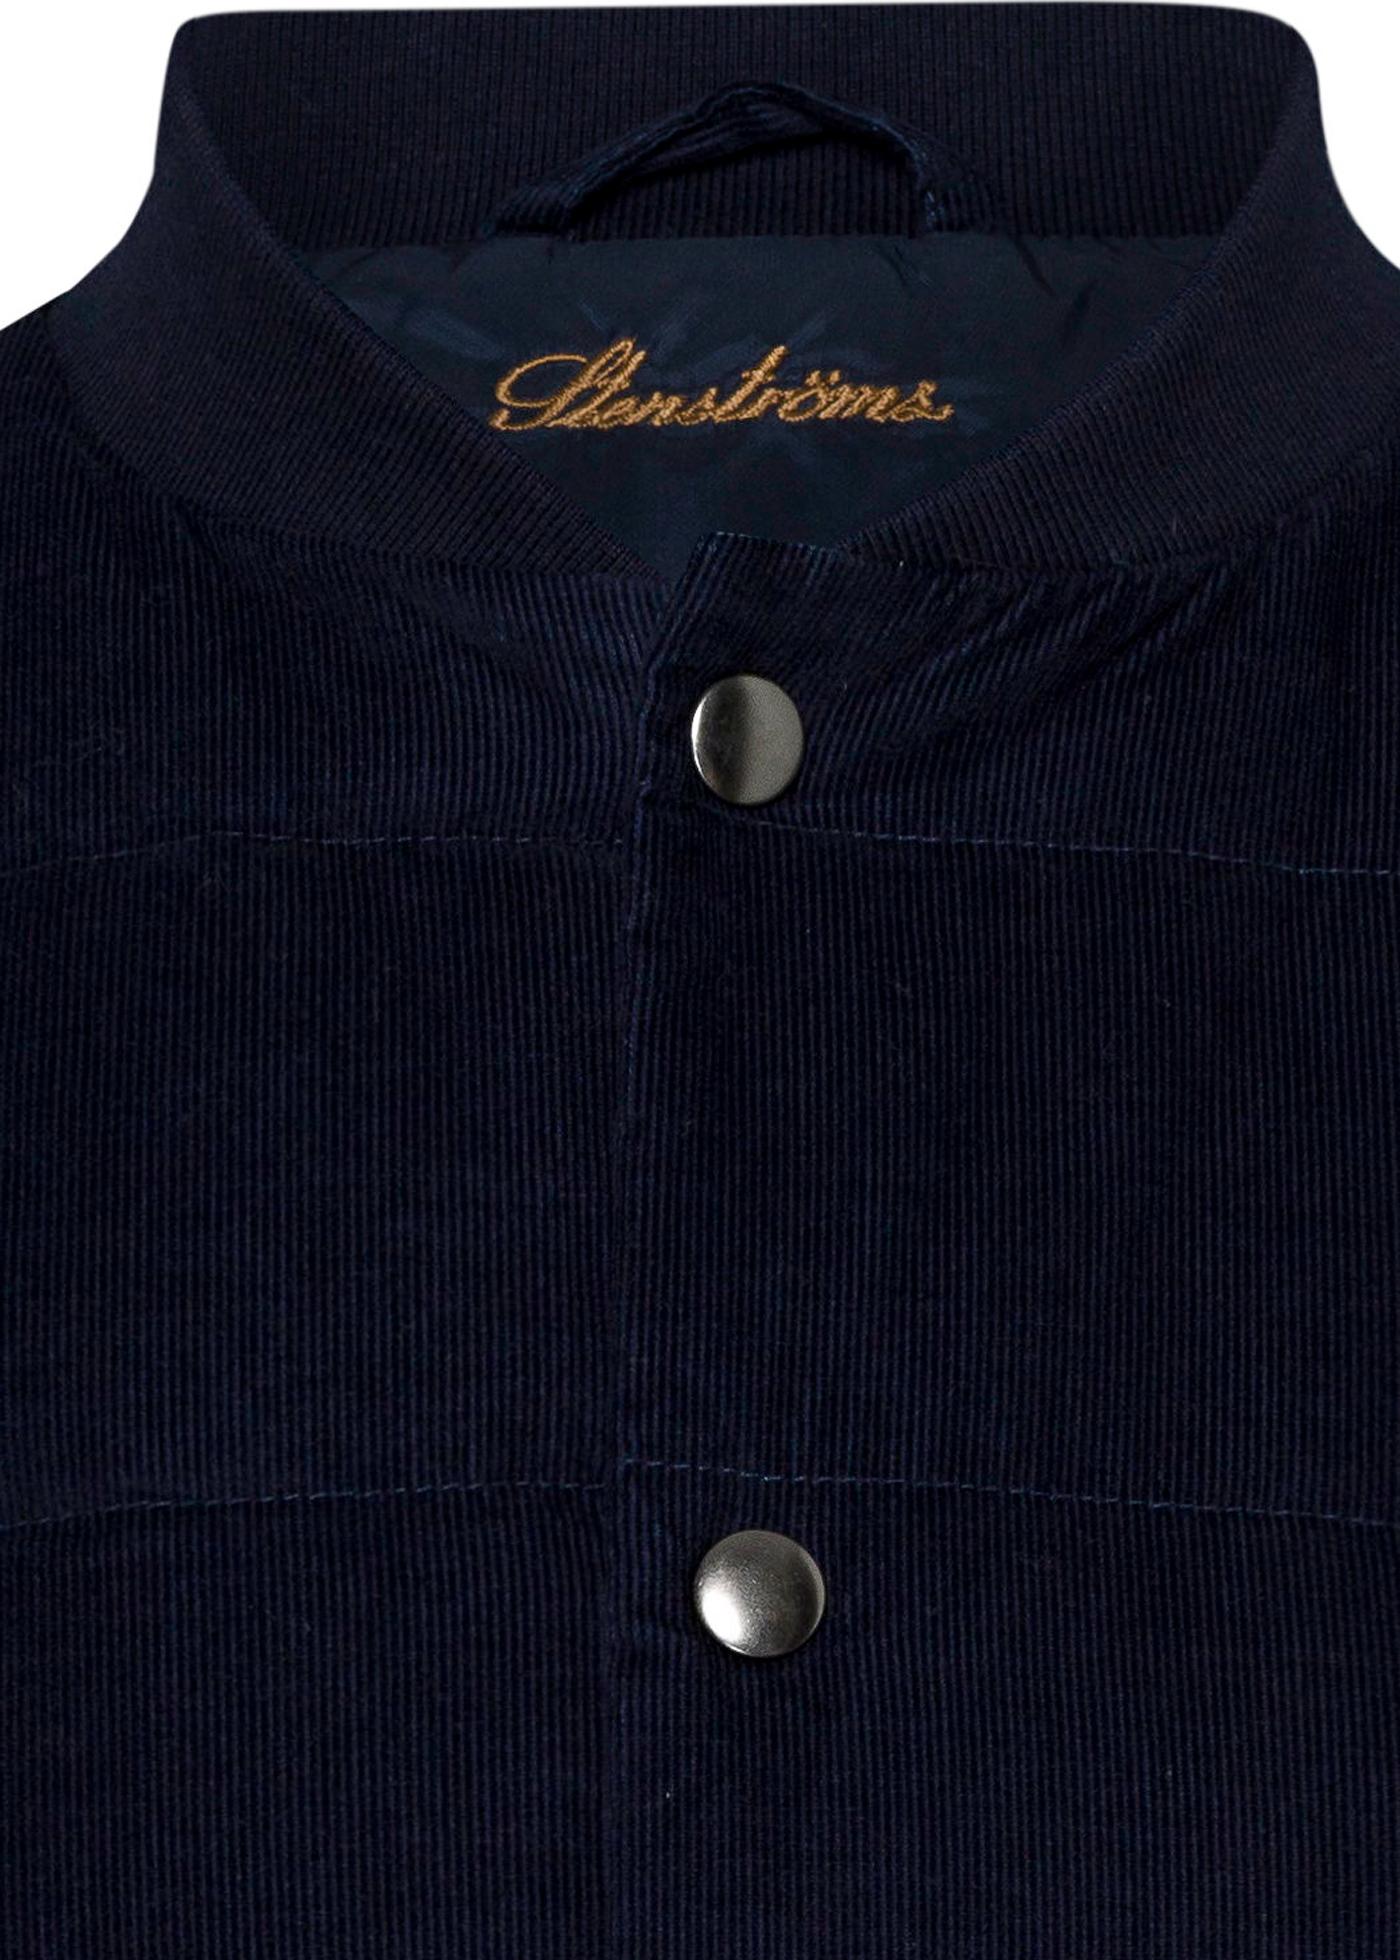 Quilt Baseb Cord Vest image number 2